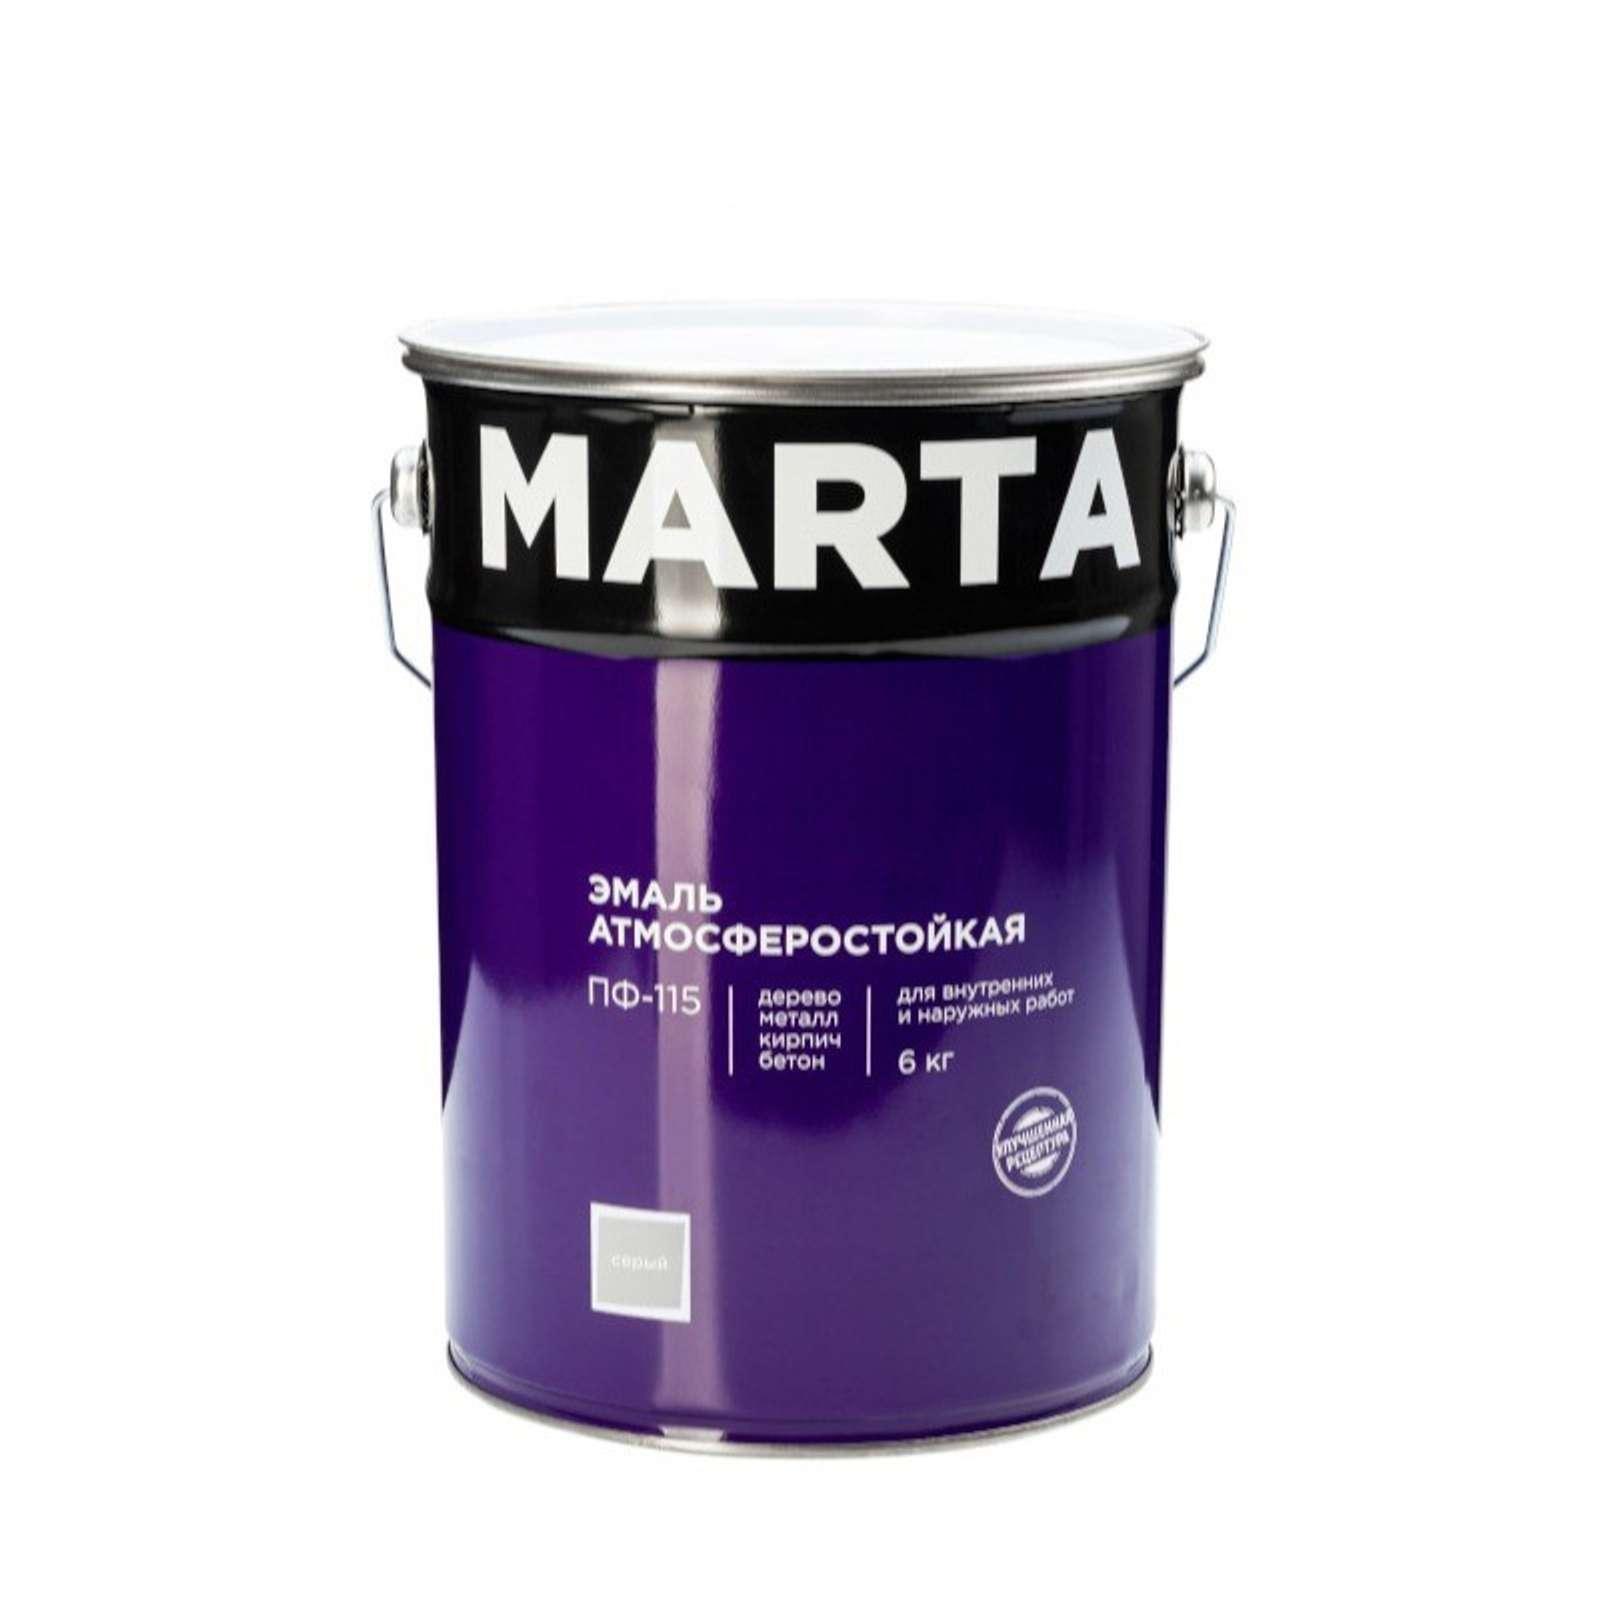 купить краску пф 115 в екатеринбурге